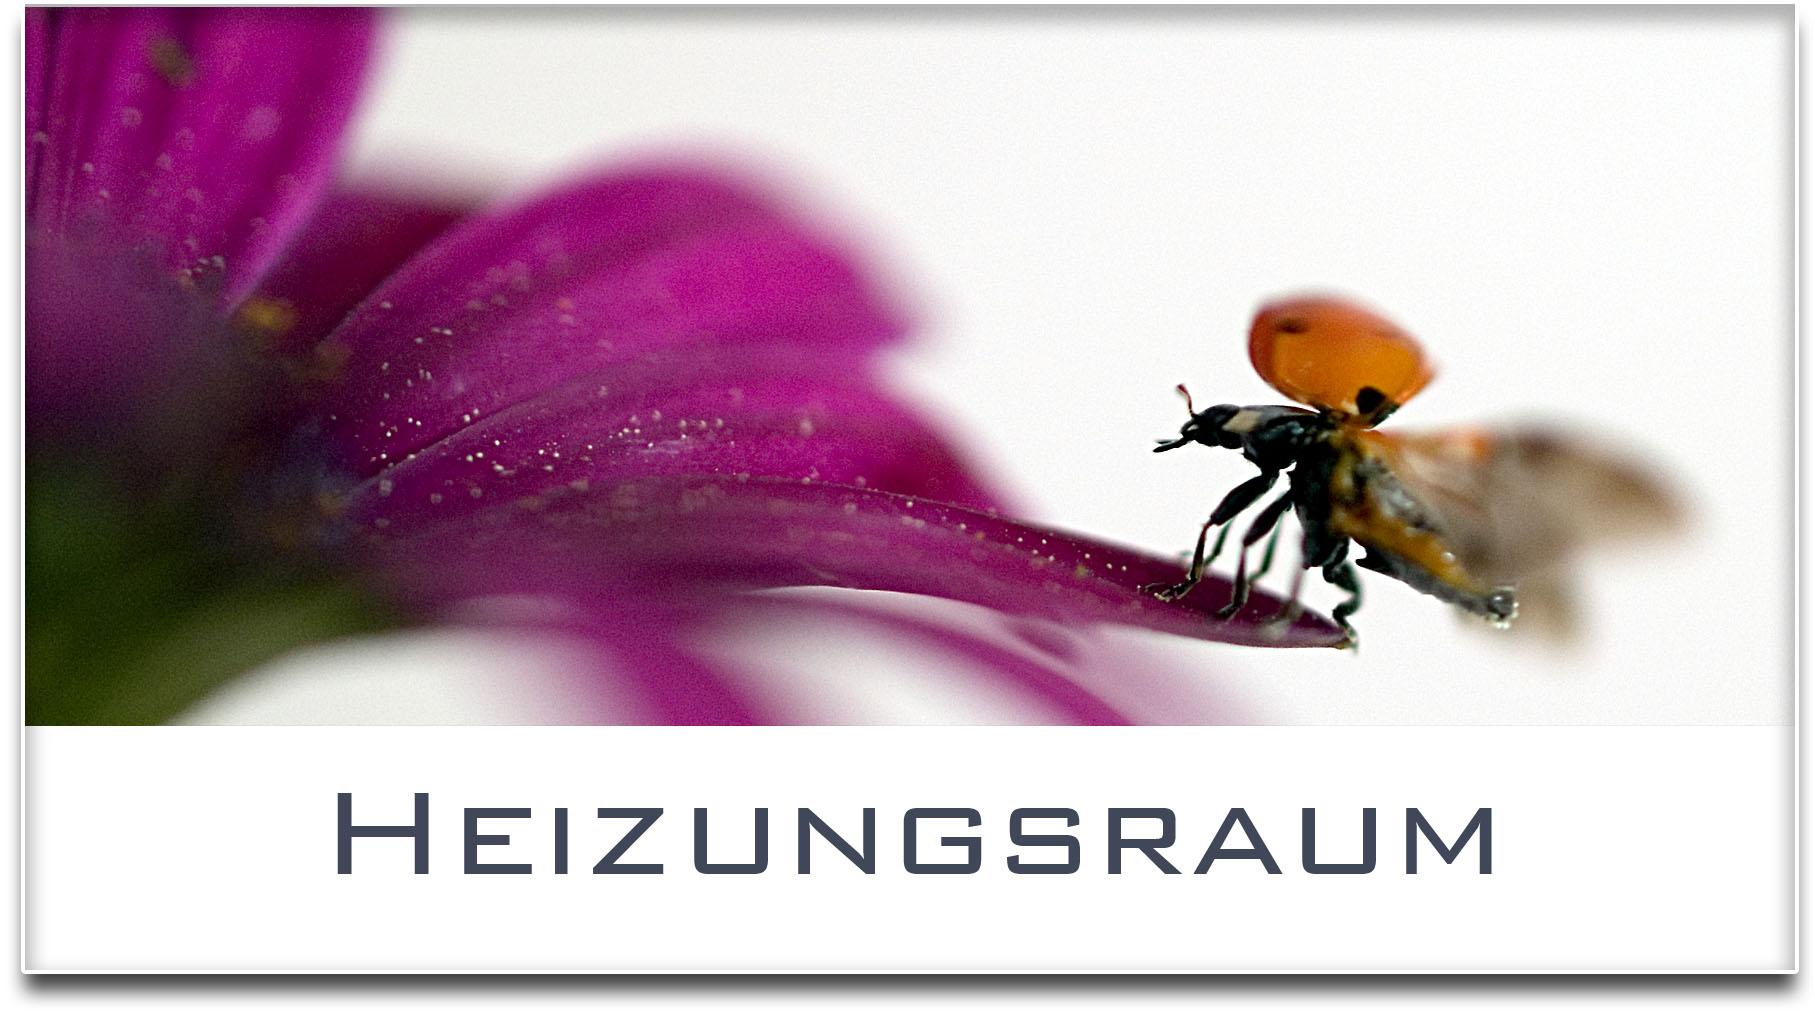 Türschild / Haustürschild / Marienkäfer / Heizungsraum / Selbstklebend